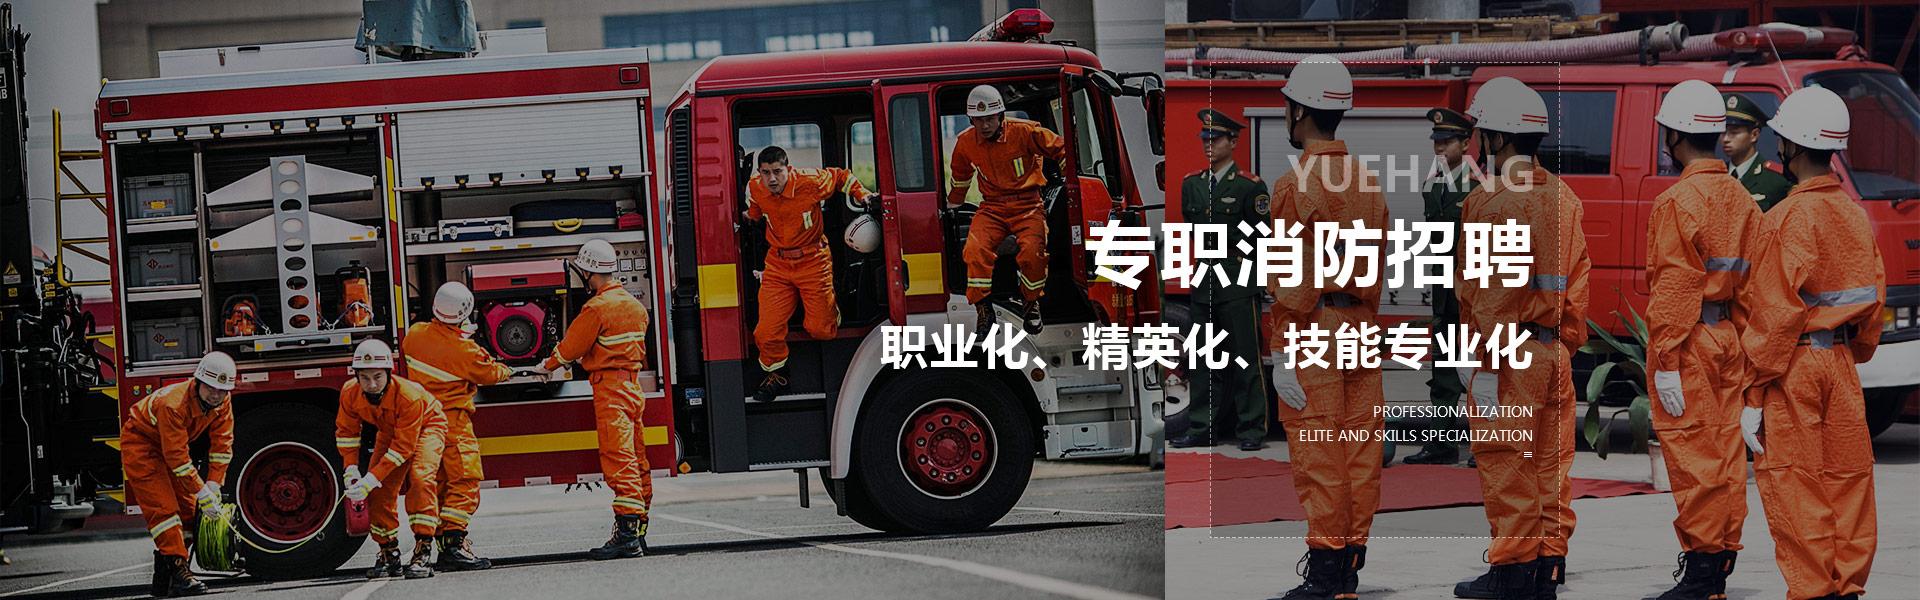 重庆消防派遣公司